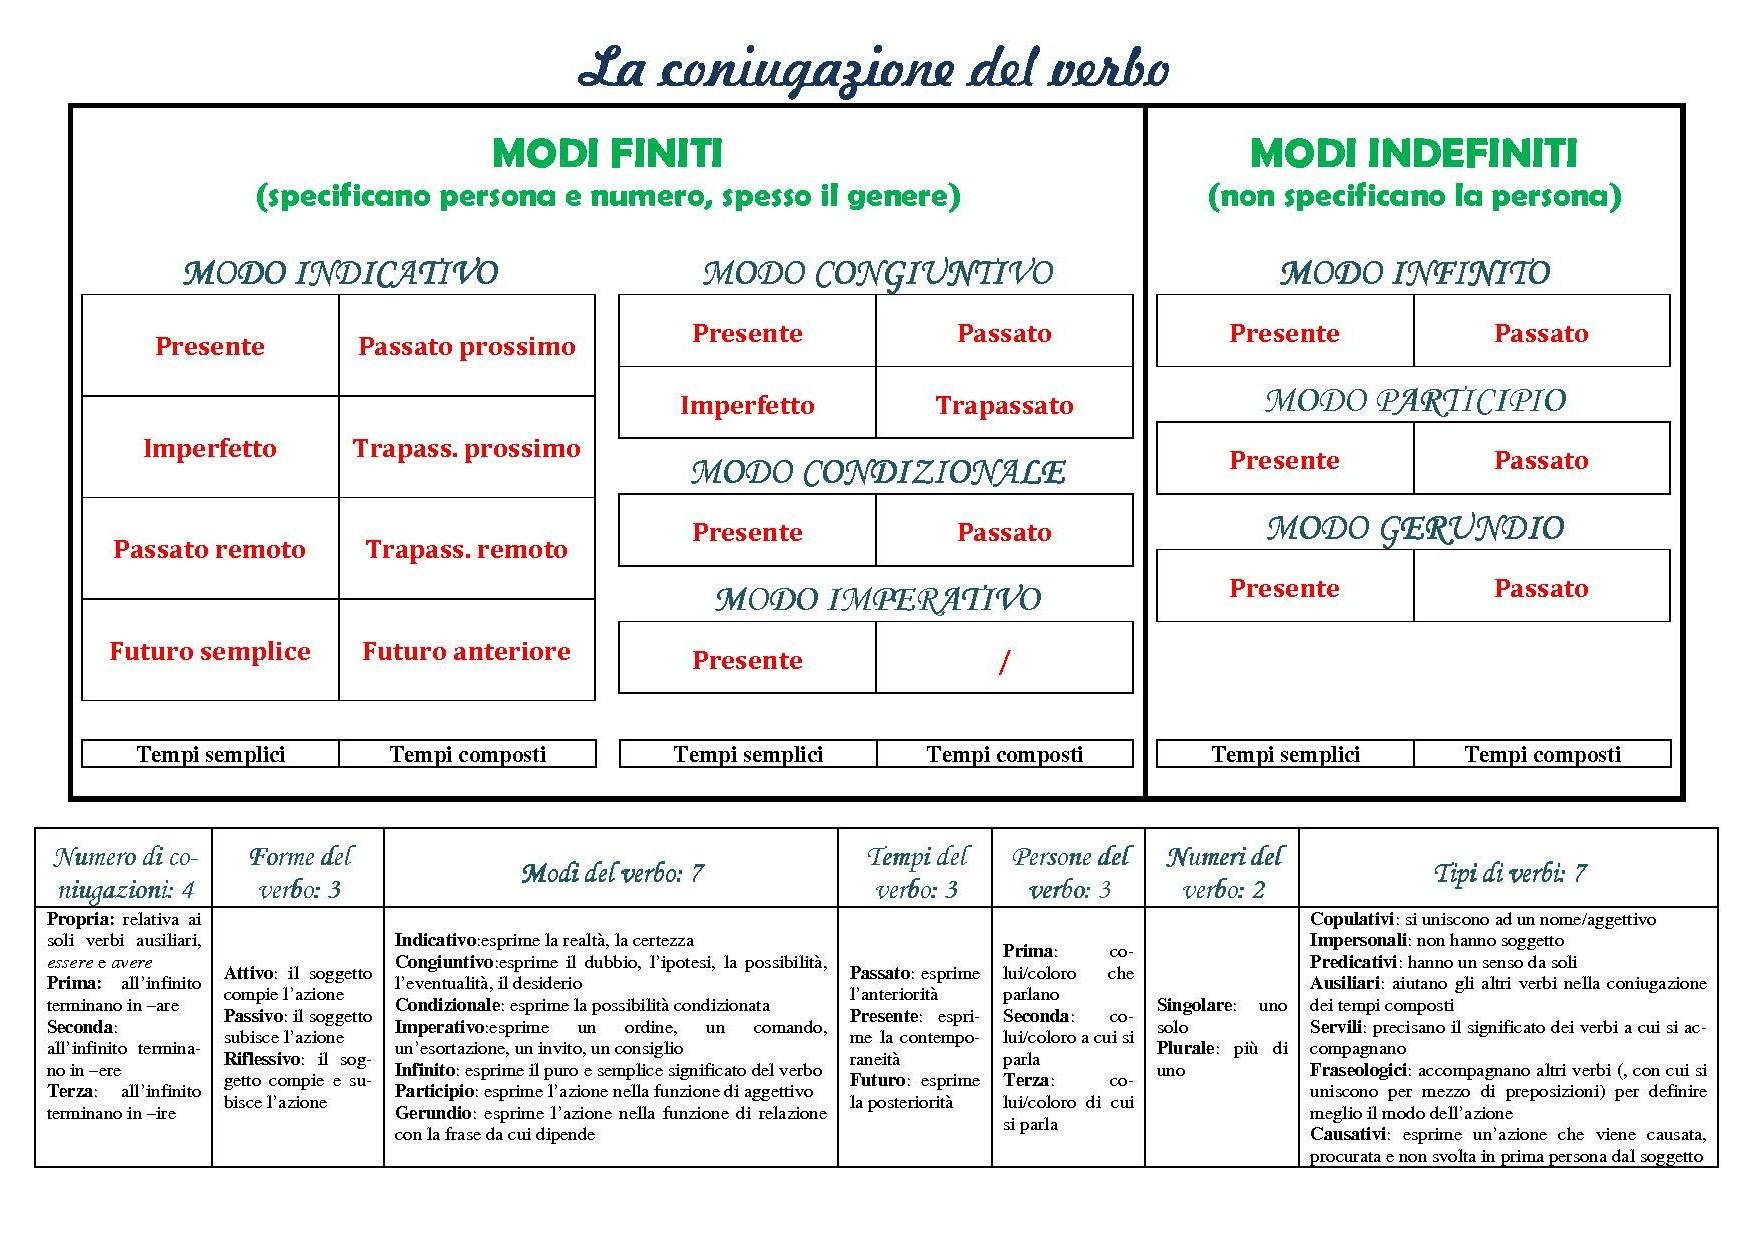 Del Tabelle  CONIUGAZIONE VERBI ITALIANI EPUB